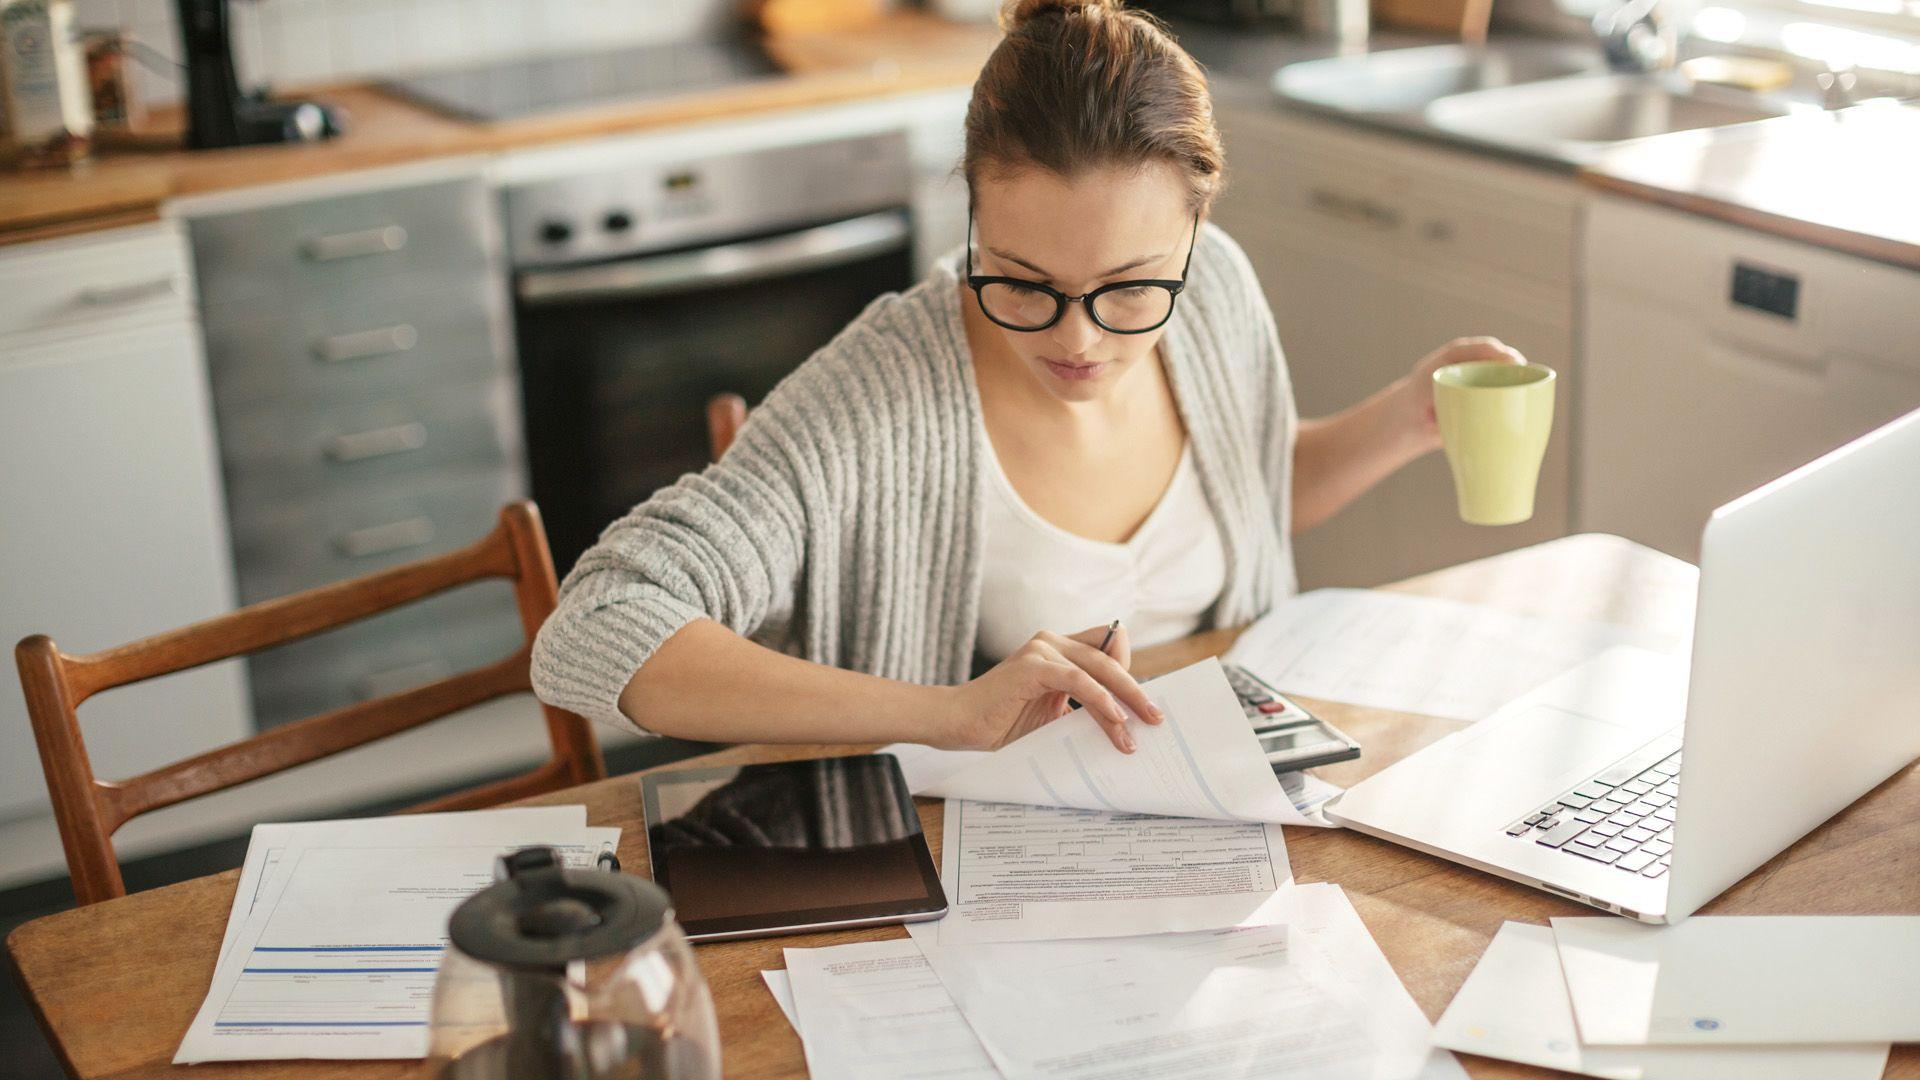 Így dolgozz hatékonyan otthonról begolyózás nélkül - sinspiration